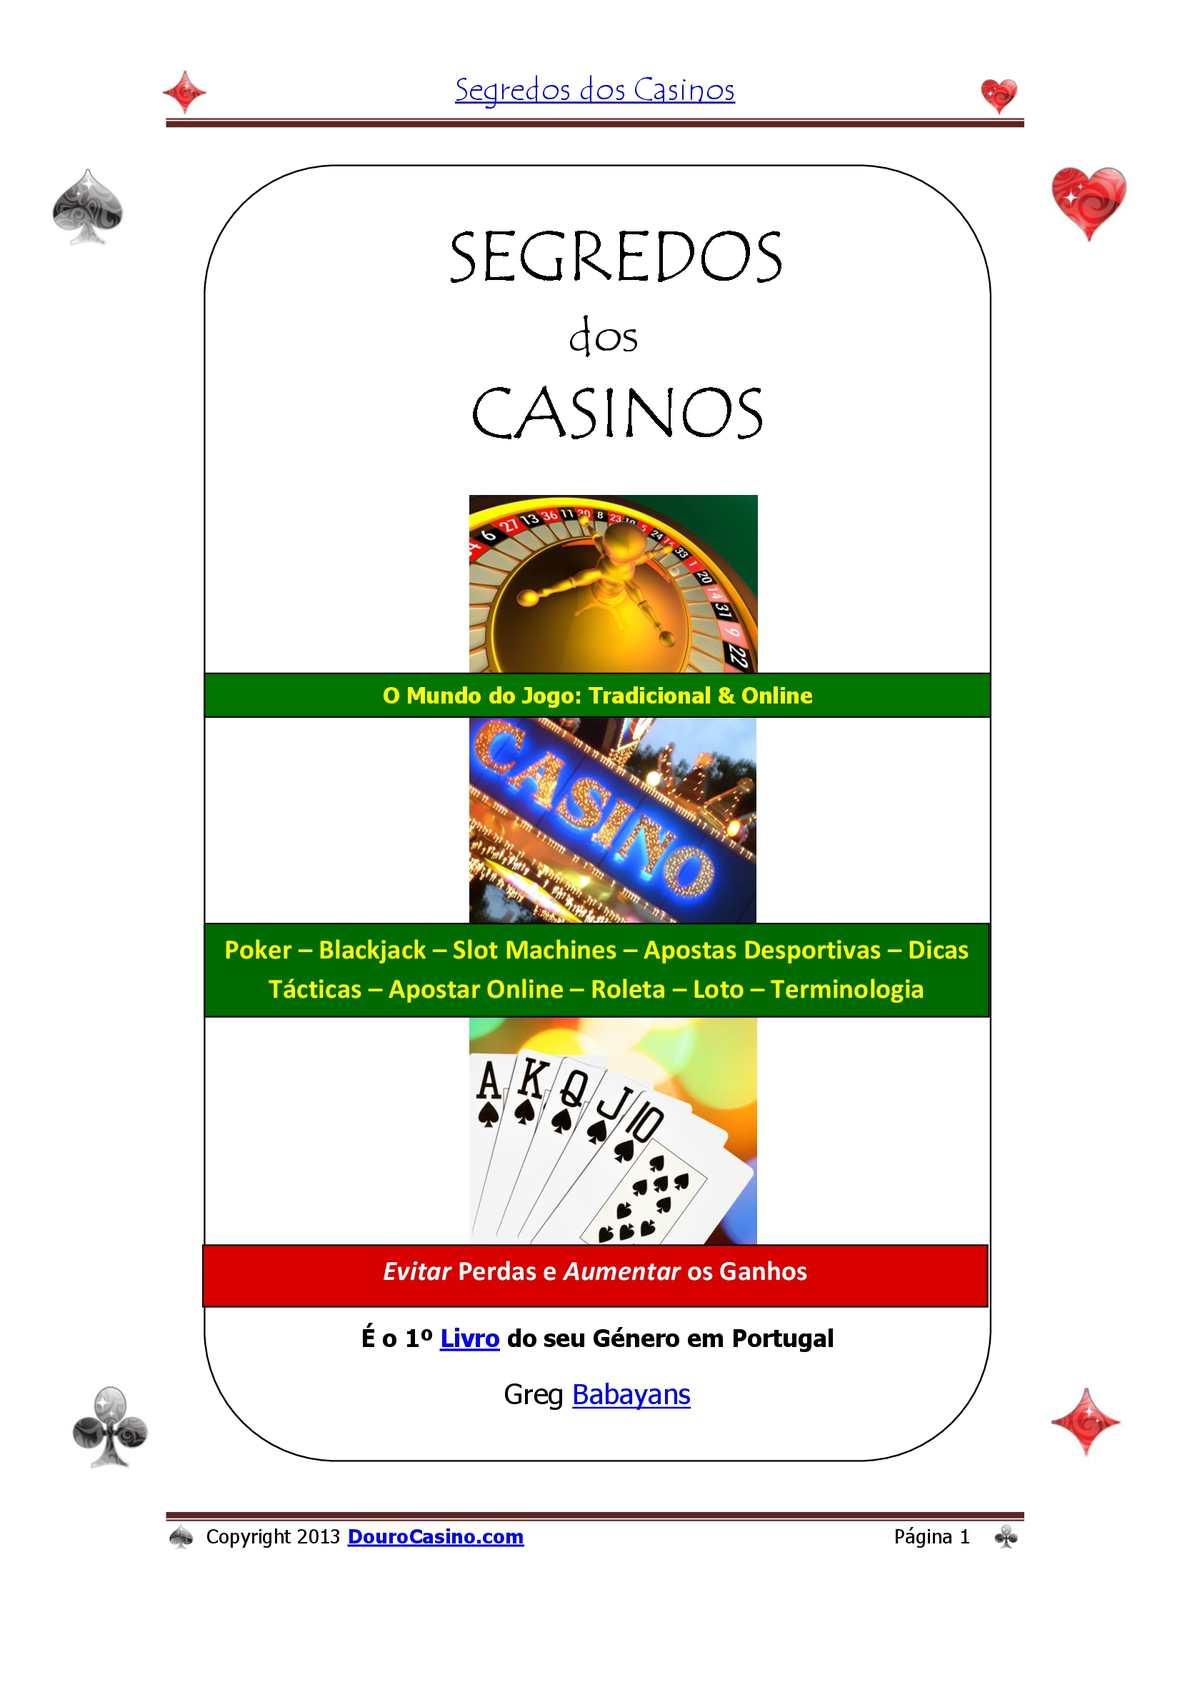 Jogos slots machines apostas 15979